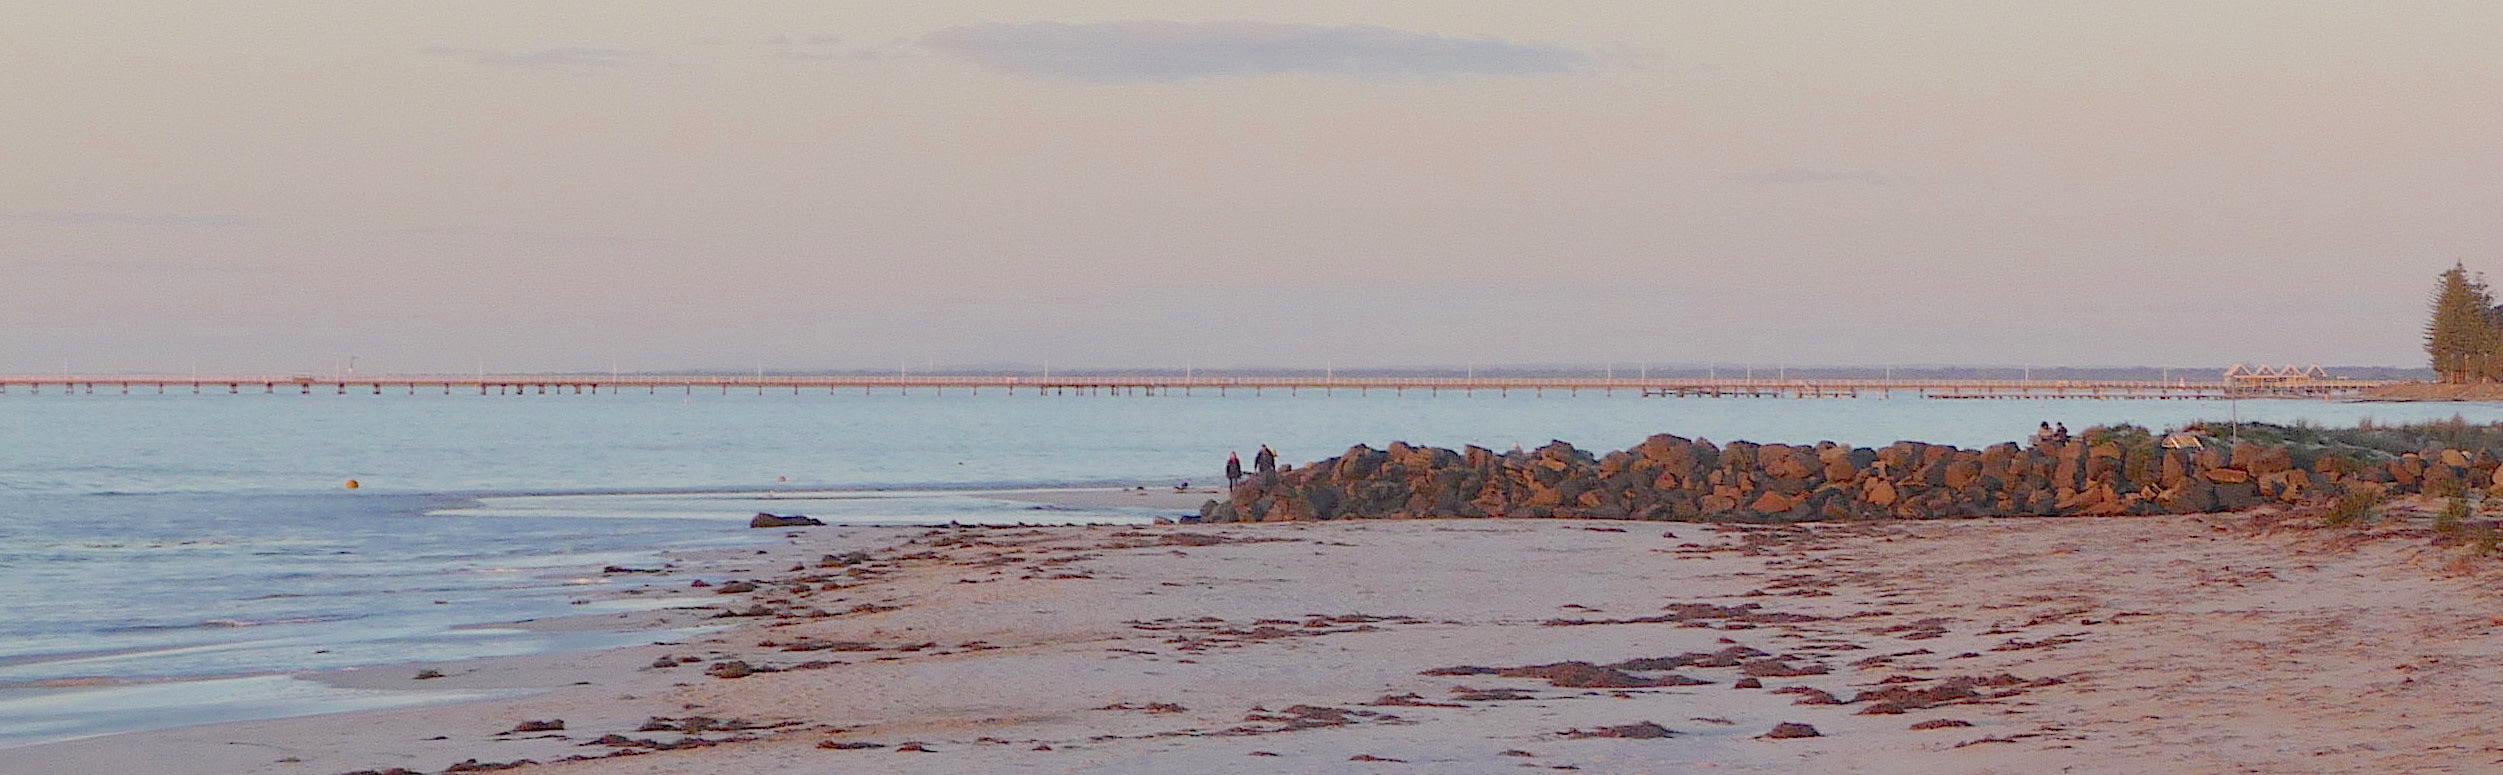 1.Busselton jetty